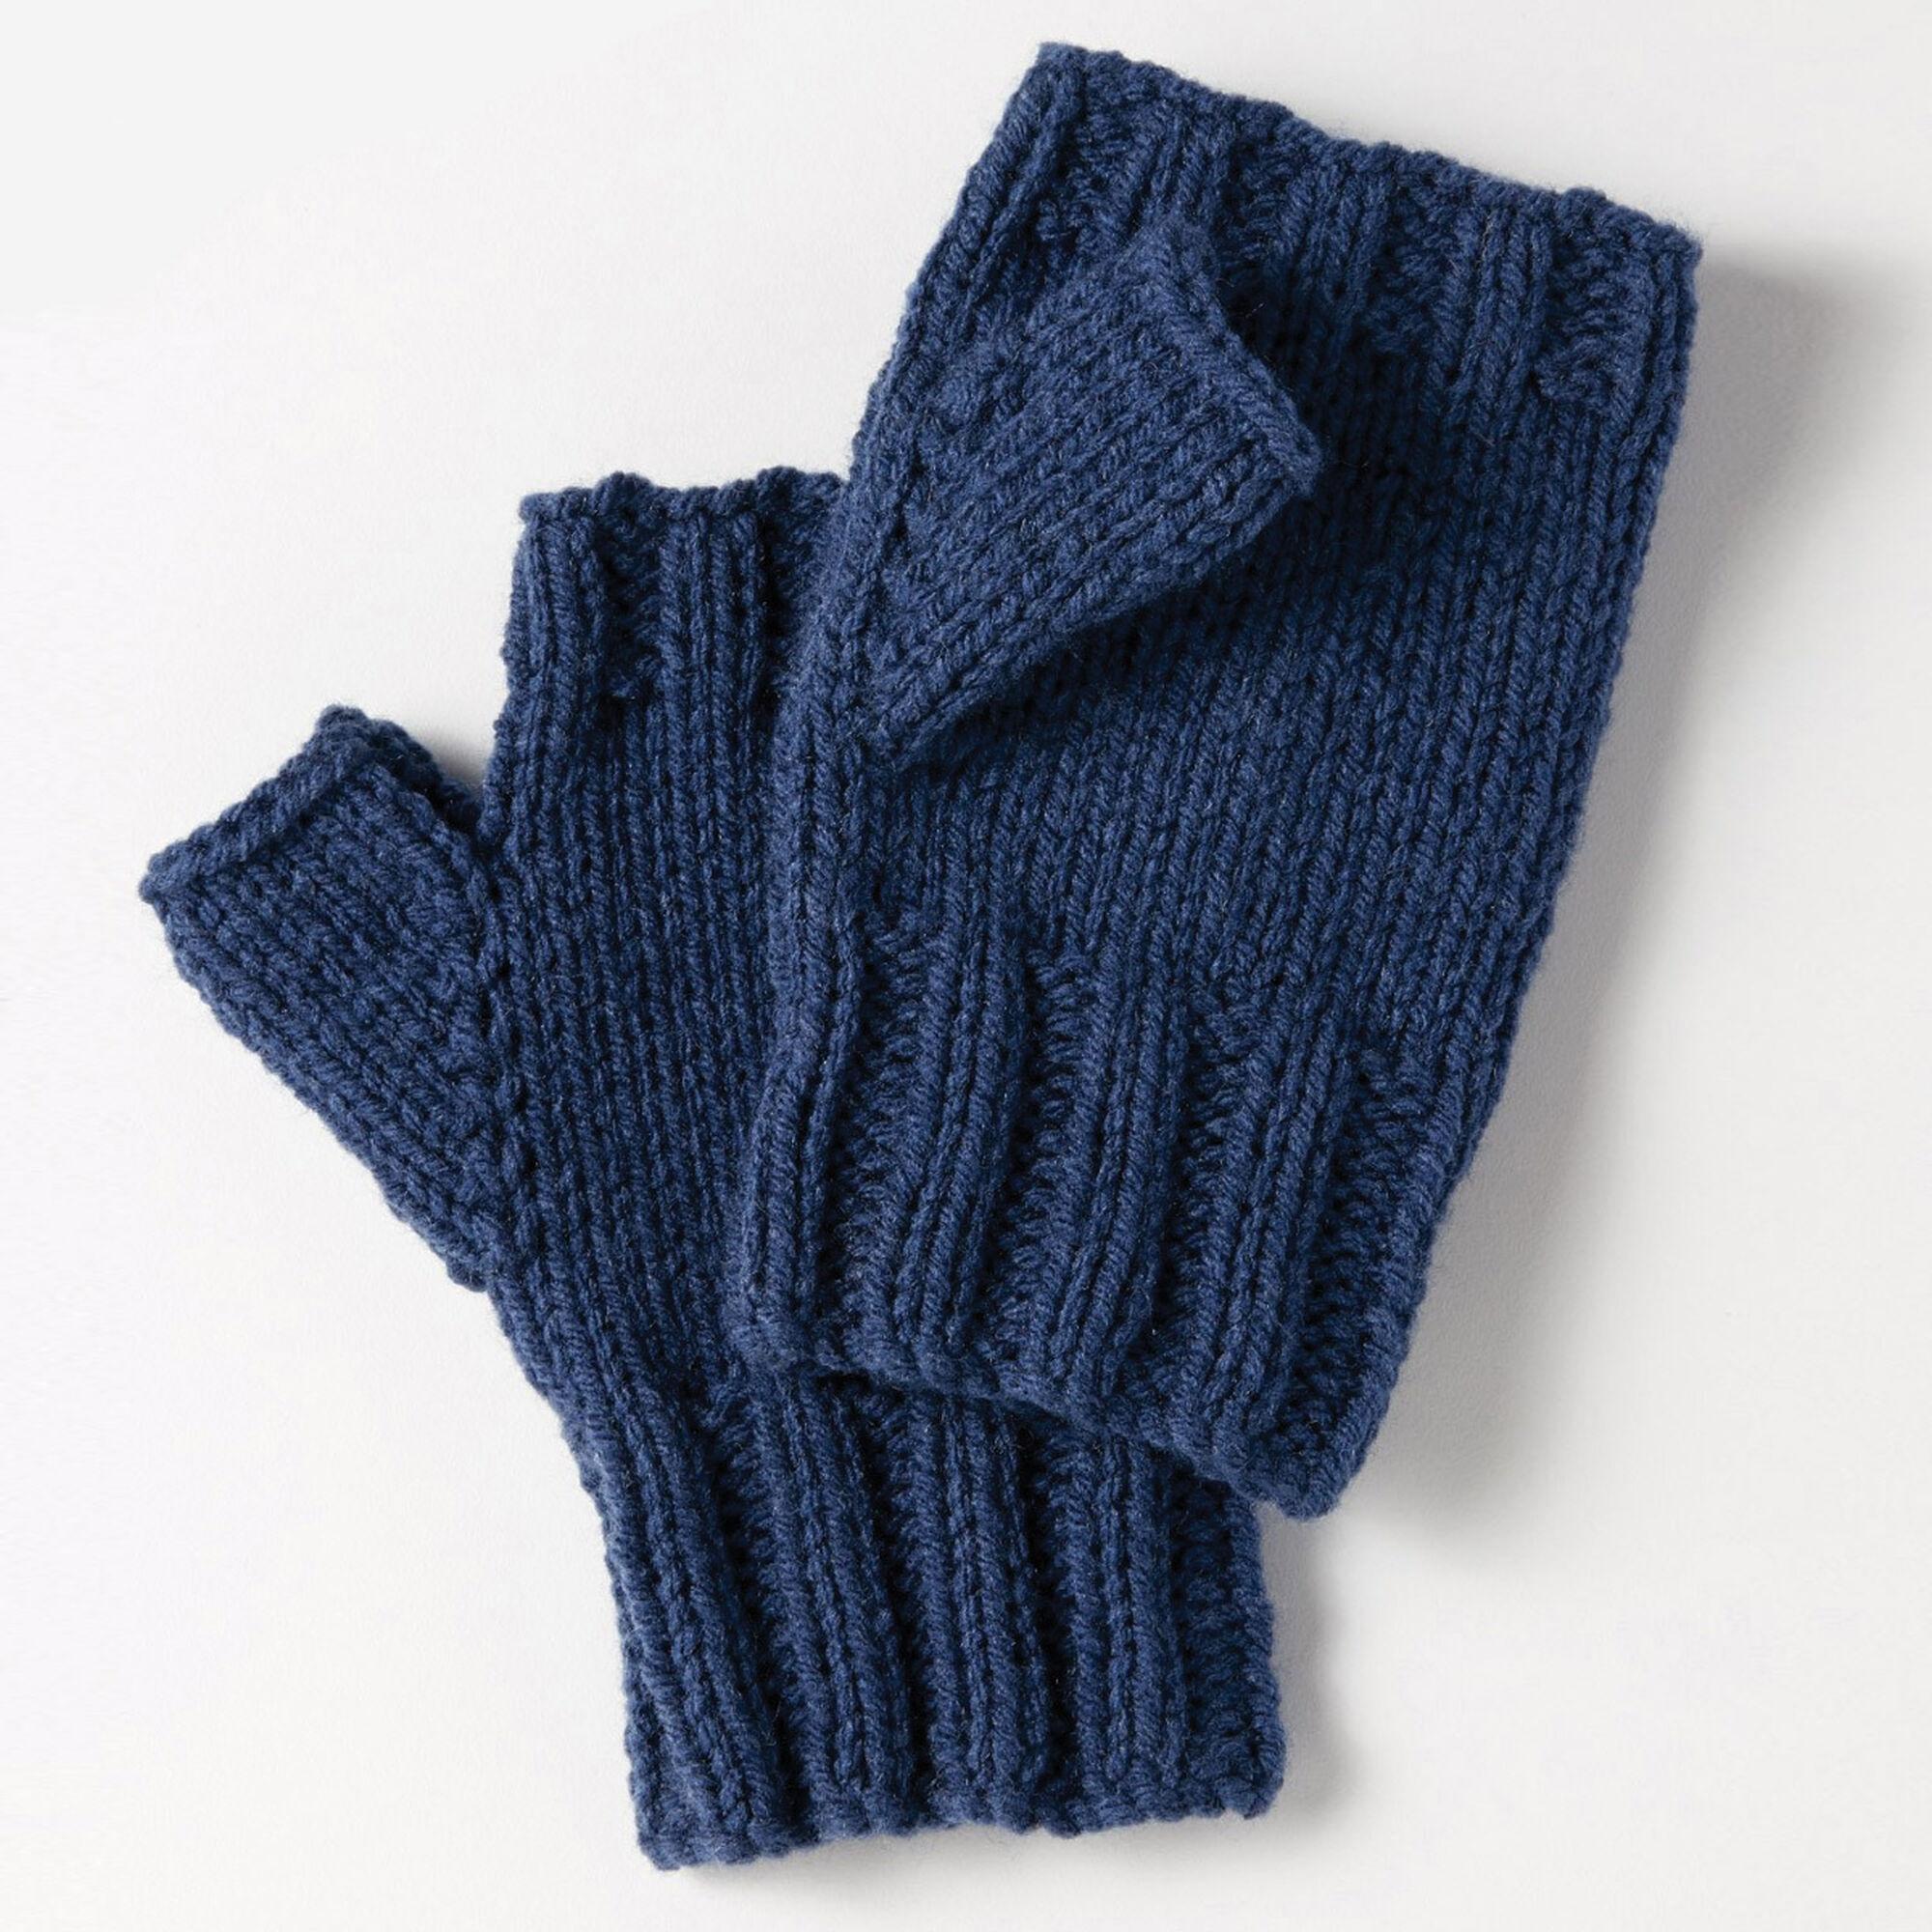 Bernat Fingerless Gloves | Yarnspirations